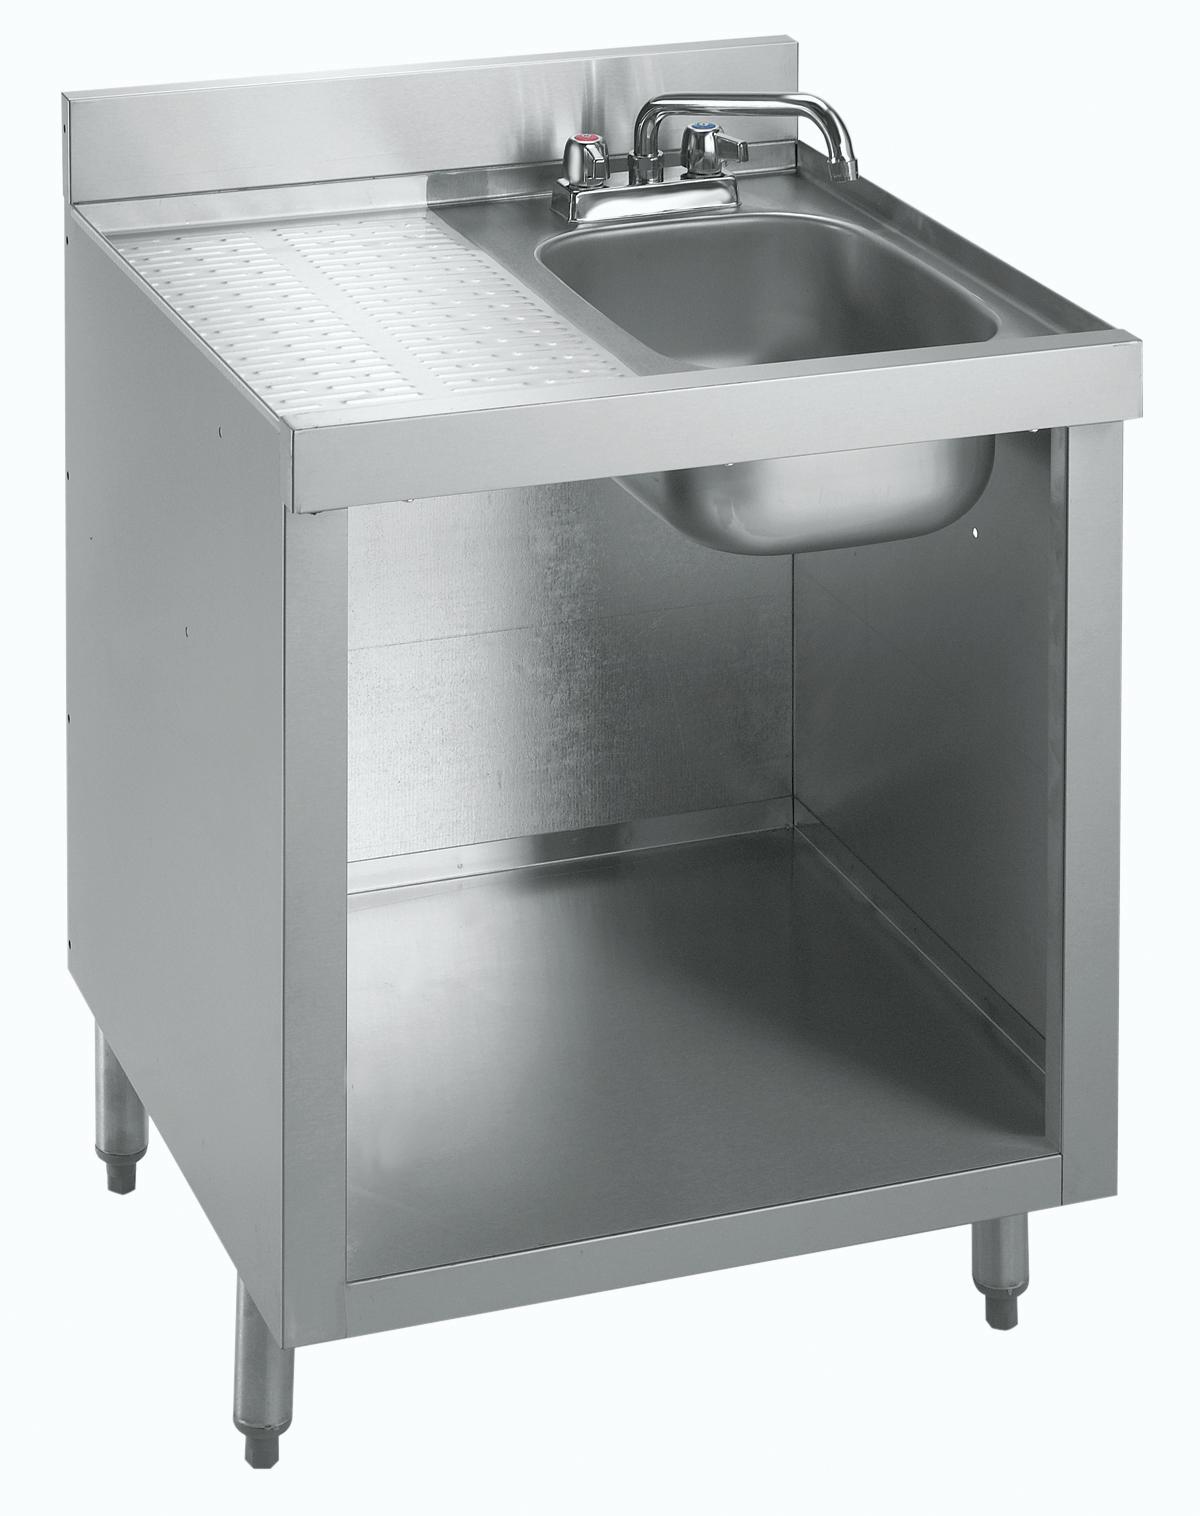 Krowne Metal 18-GW2 washing cabinet